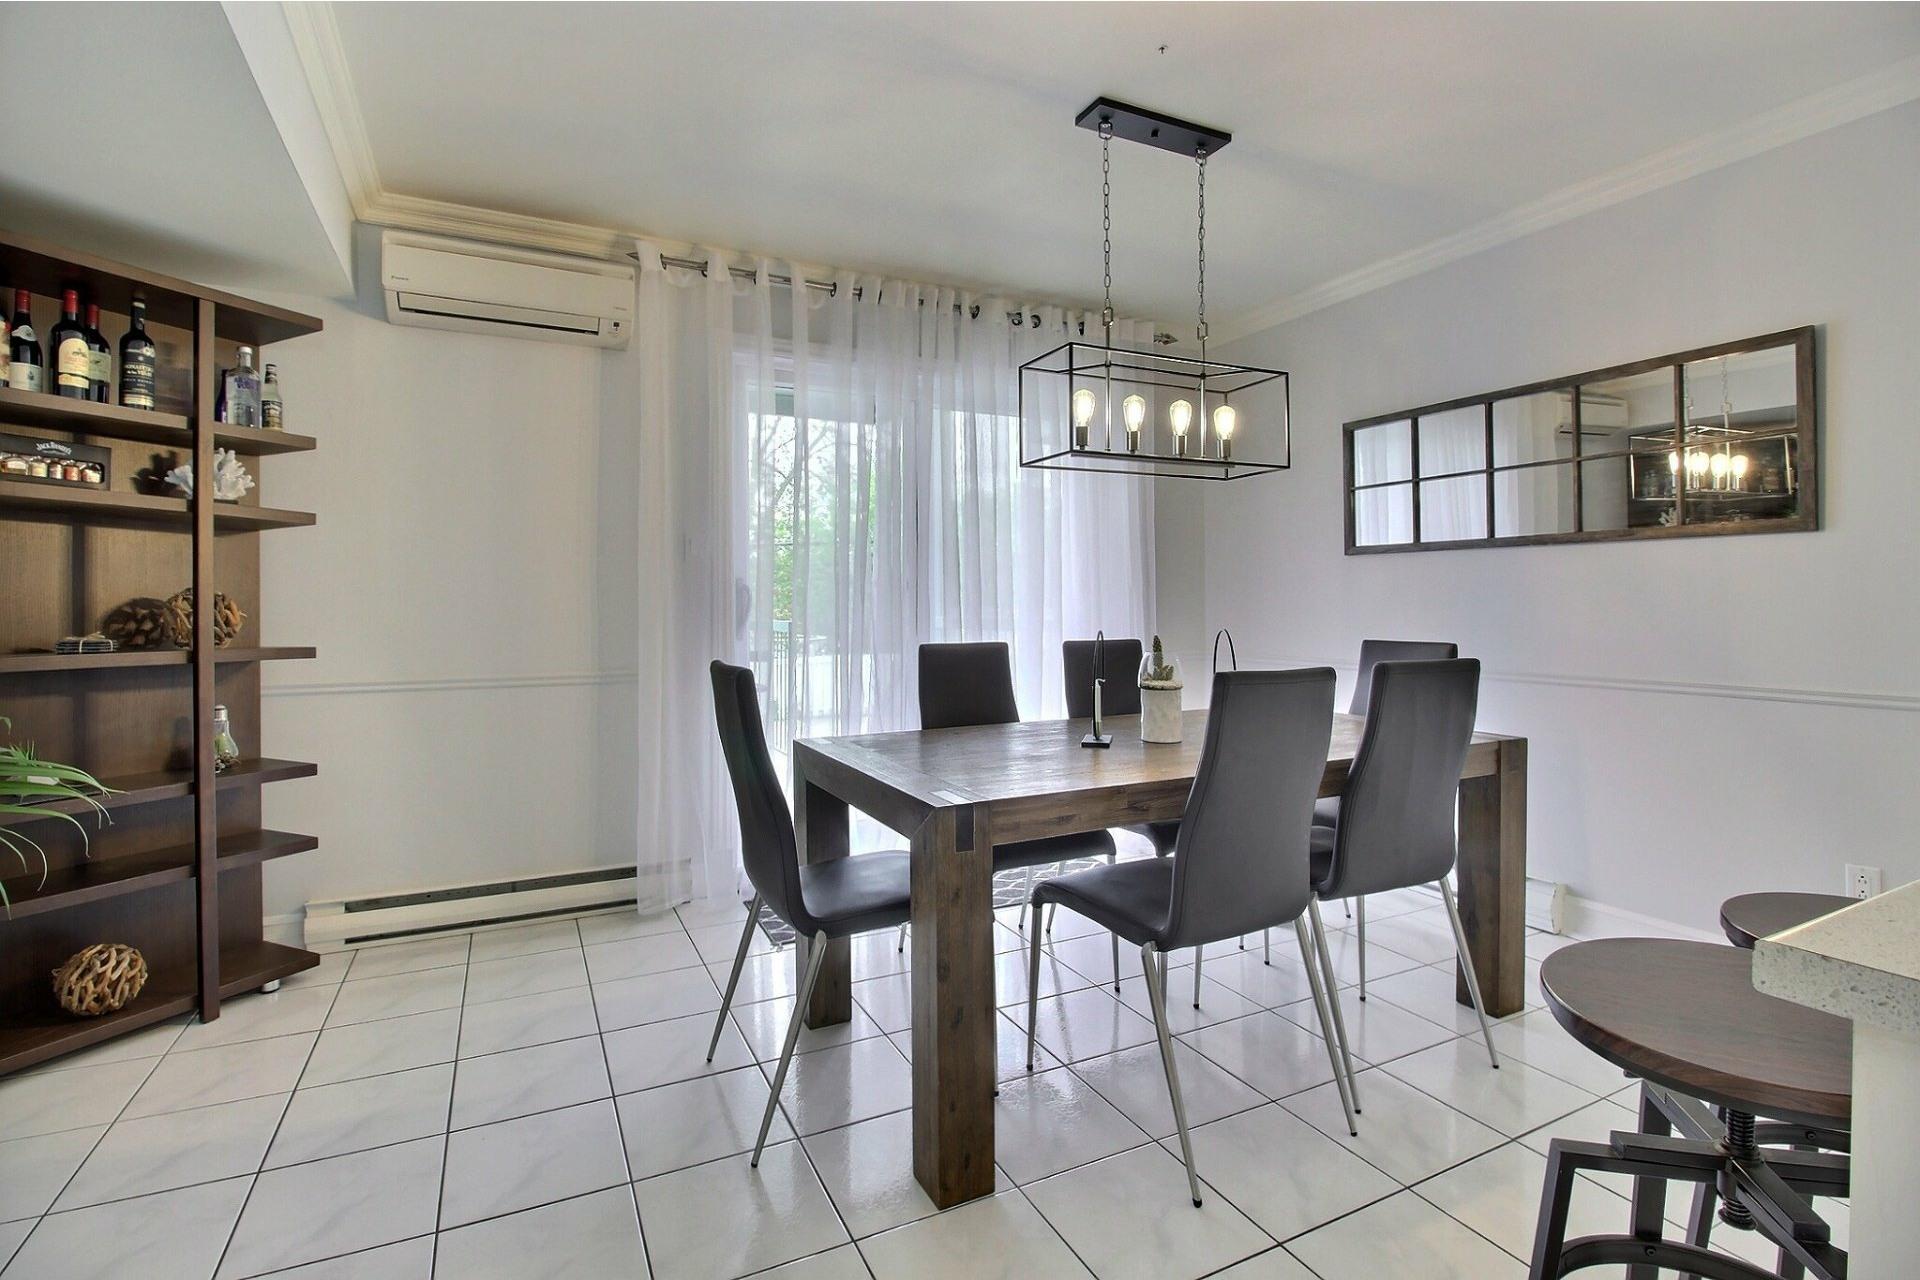 image 5 - Apartment For sale Terrebonne Terrebonne  - 6 rooms